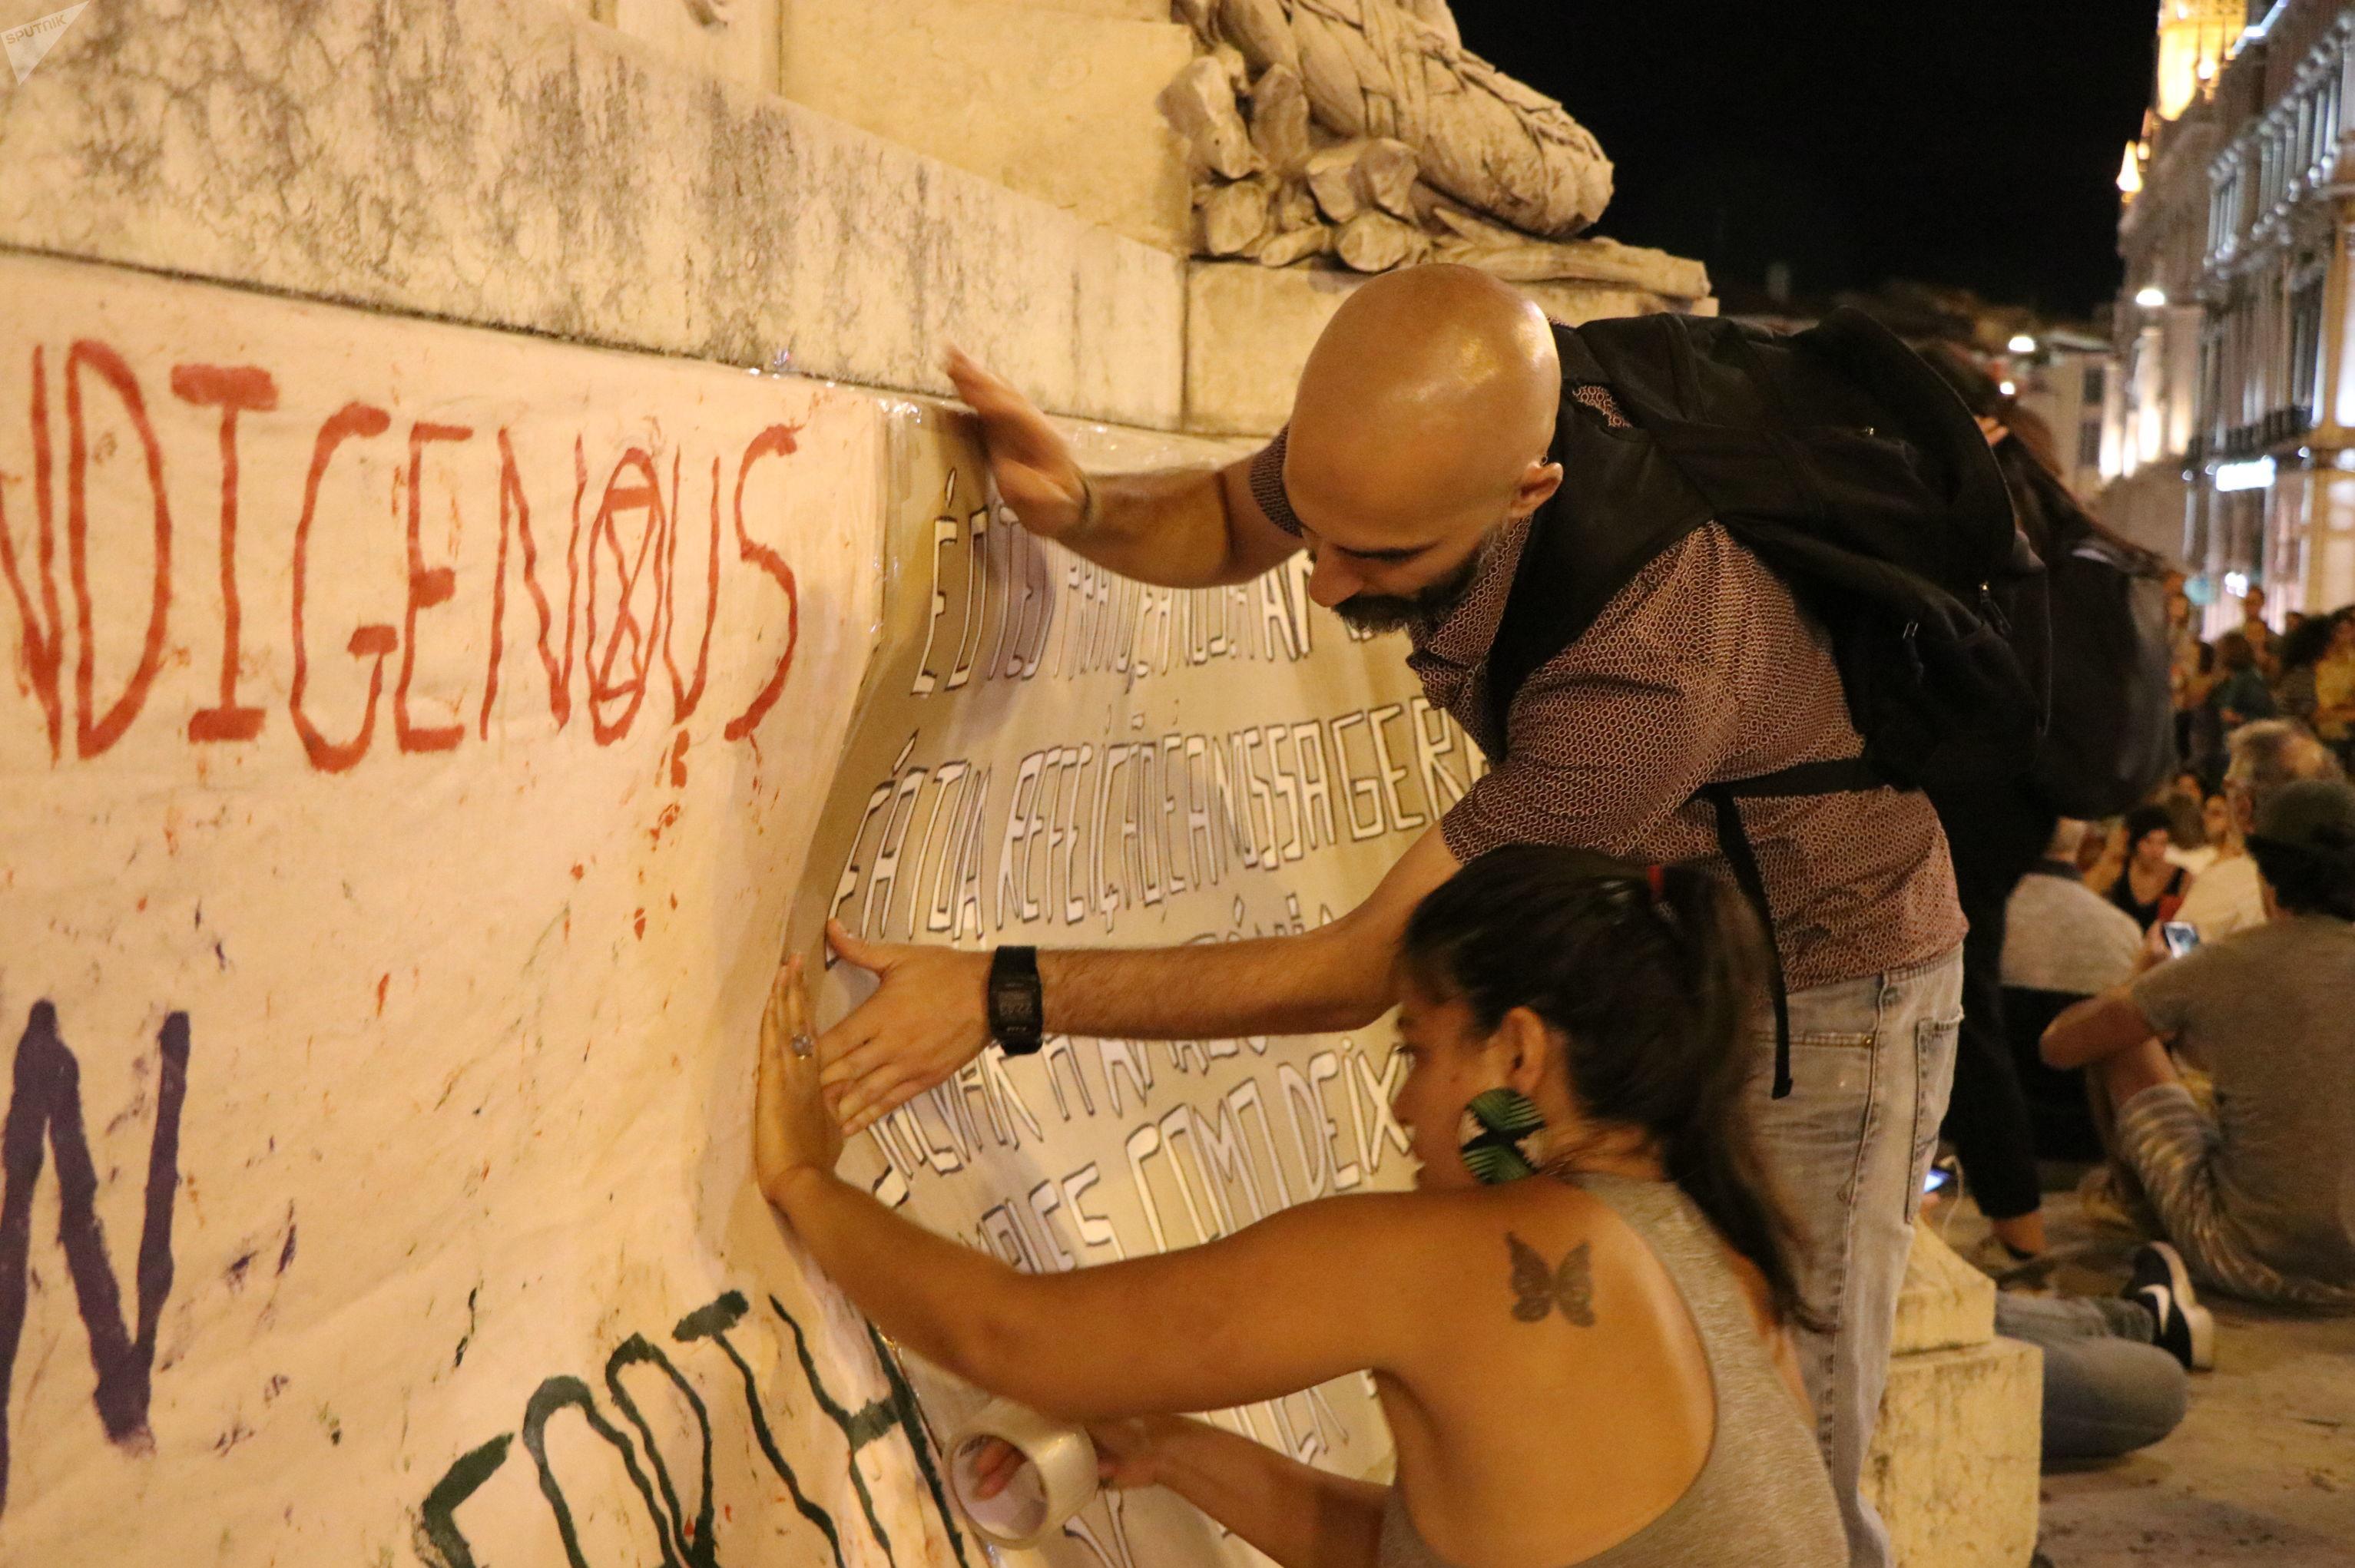 Durante protesto pela Amazônia em Lisboa, os ativistas Paulo Muniz e Illa Branco colam um cartaz em um prédio. Foto de 23 de agosto de 2019.